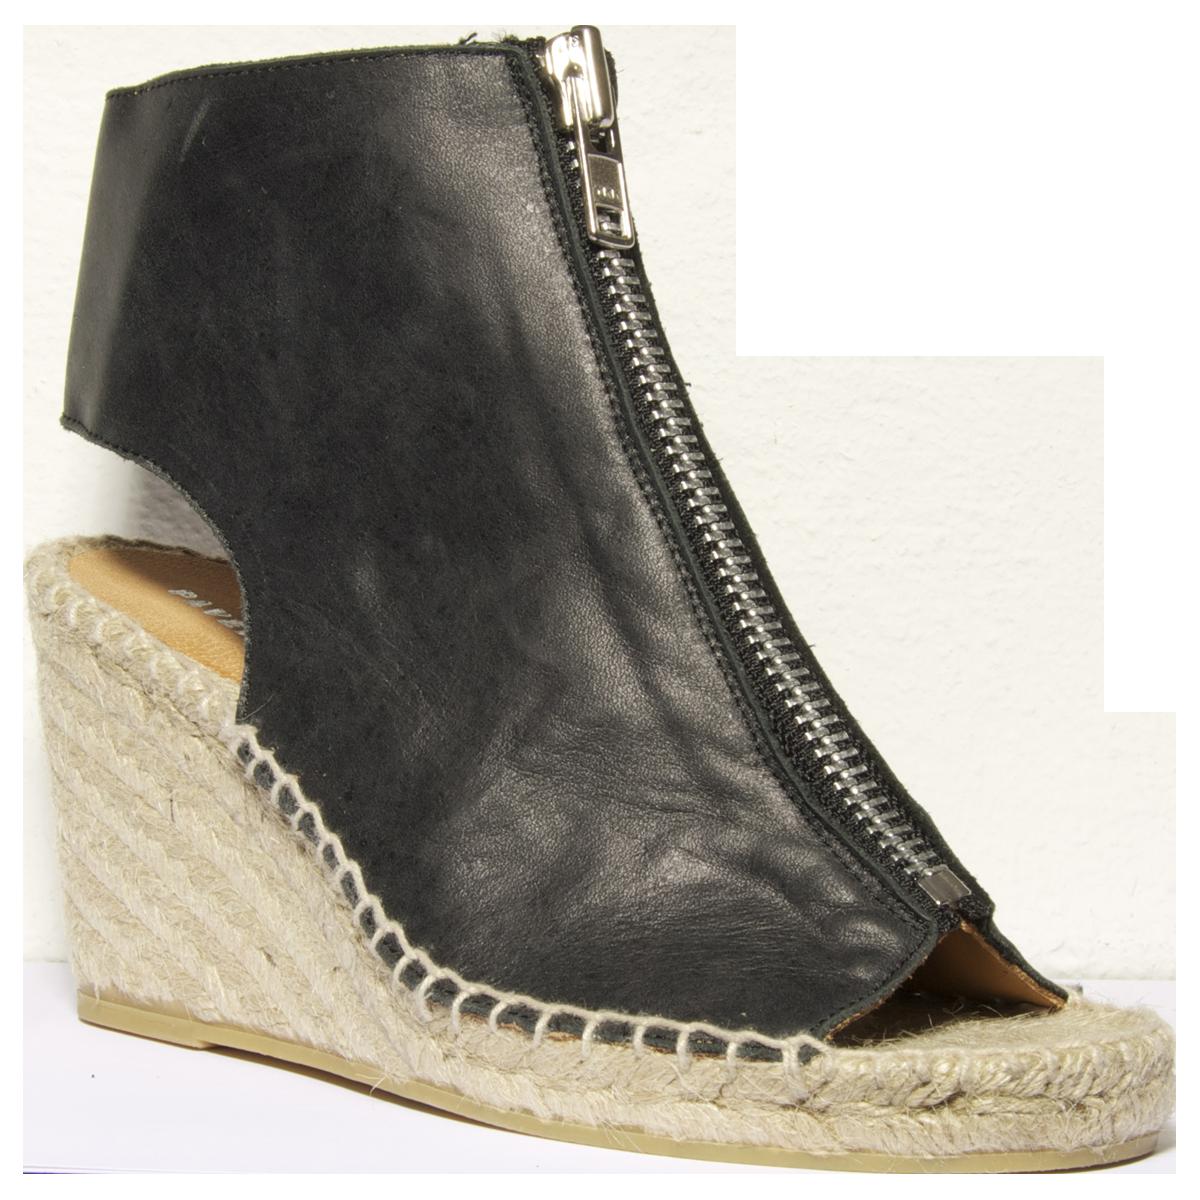 7d65b7b4d1d1 Sorte skindsandaler med høj espadrilles hæl. Sandalen lukkes med en sølv  lynlås over vristen